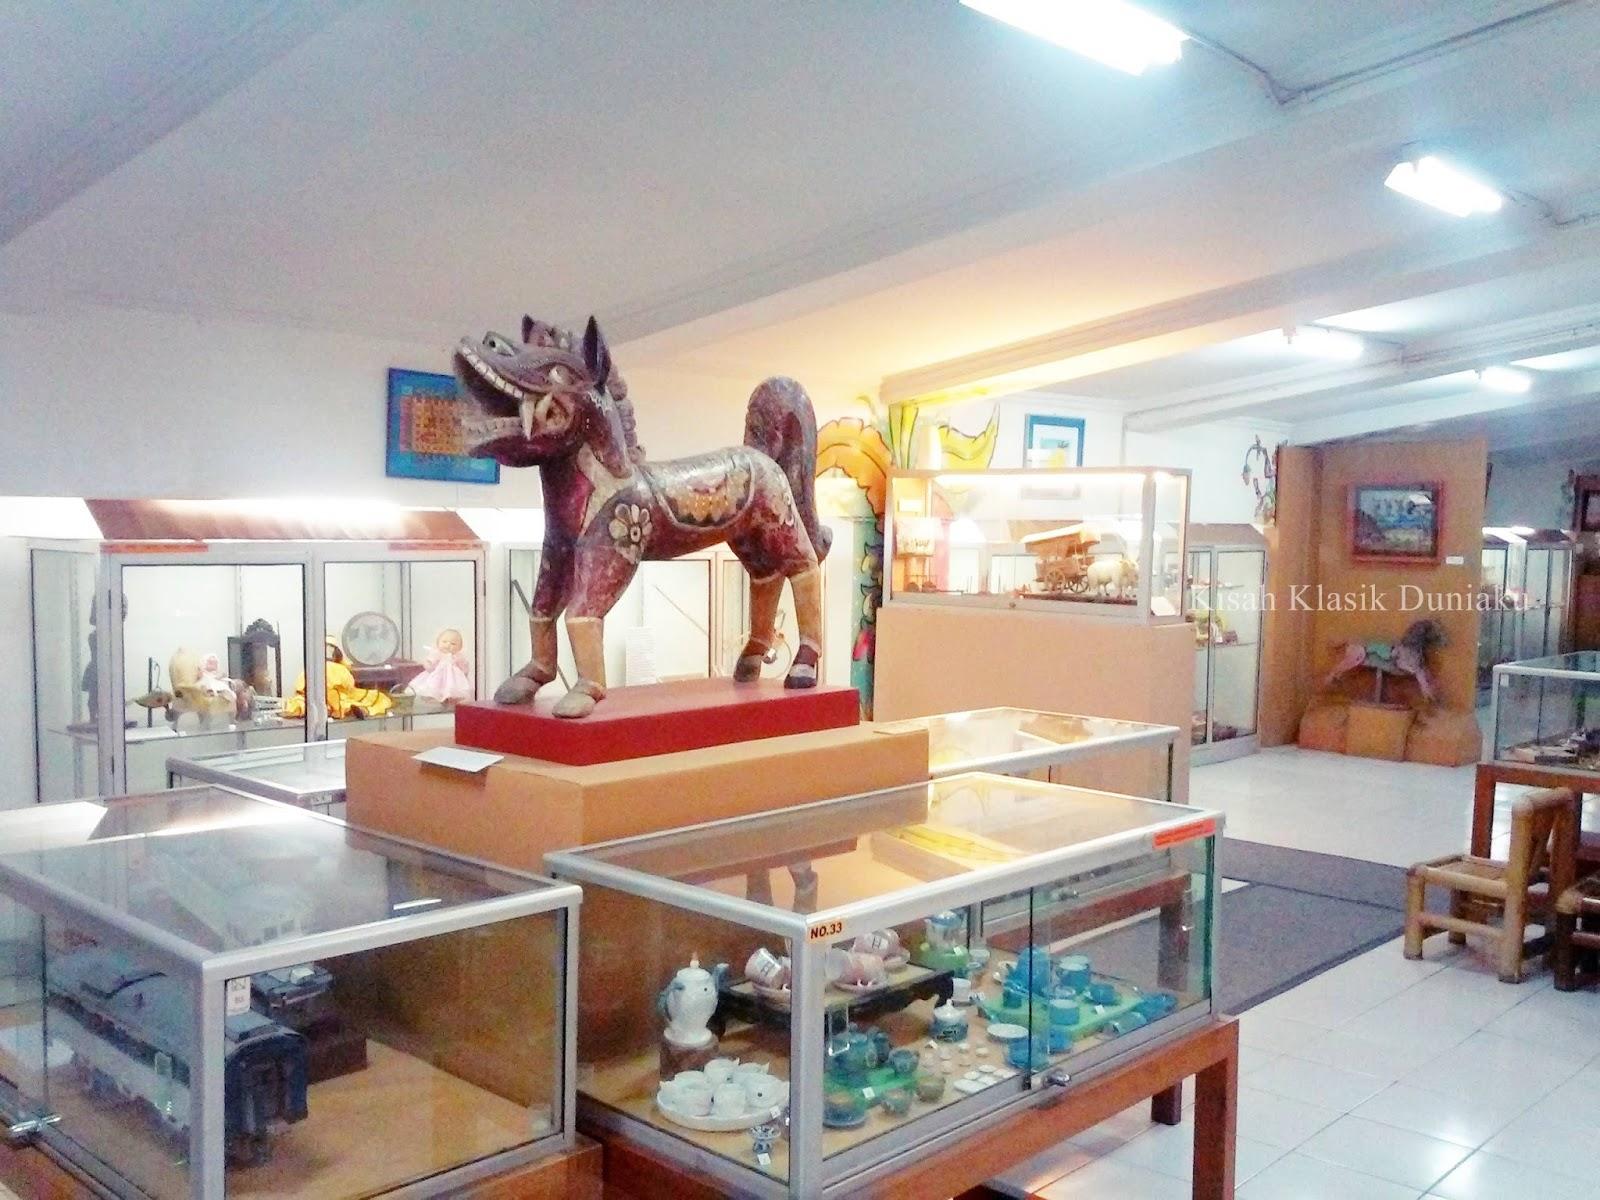 Kisah Klasik Duniaku Nostalgia Museum Anak Kolong Tangga Bisa Dibilang